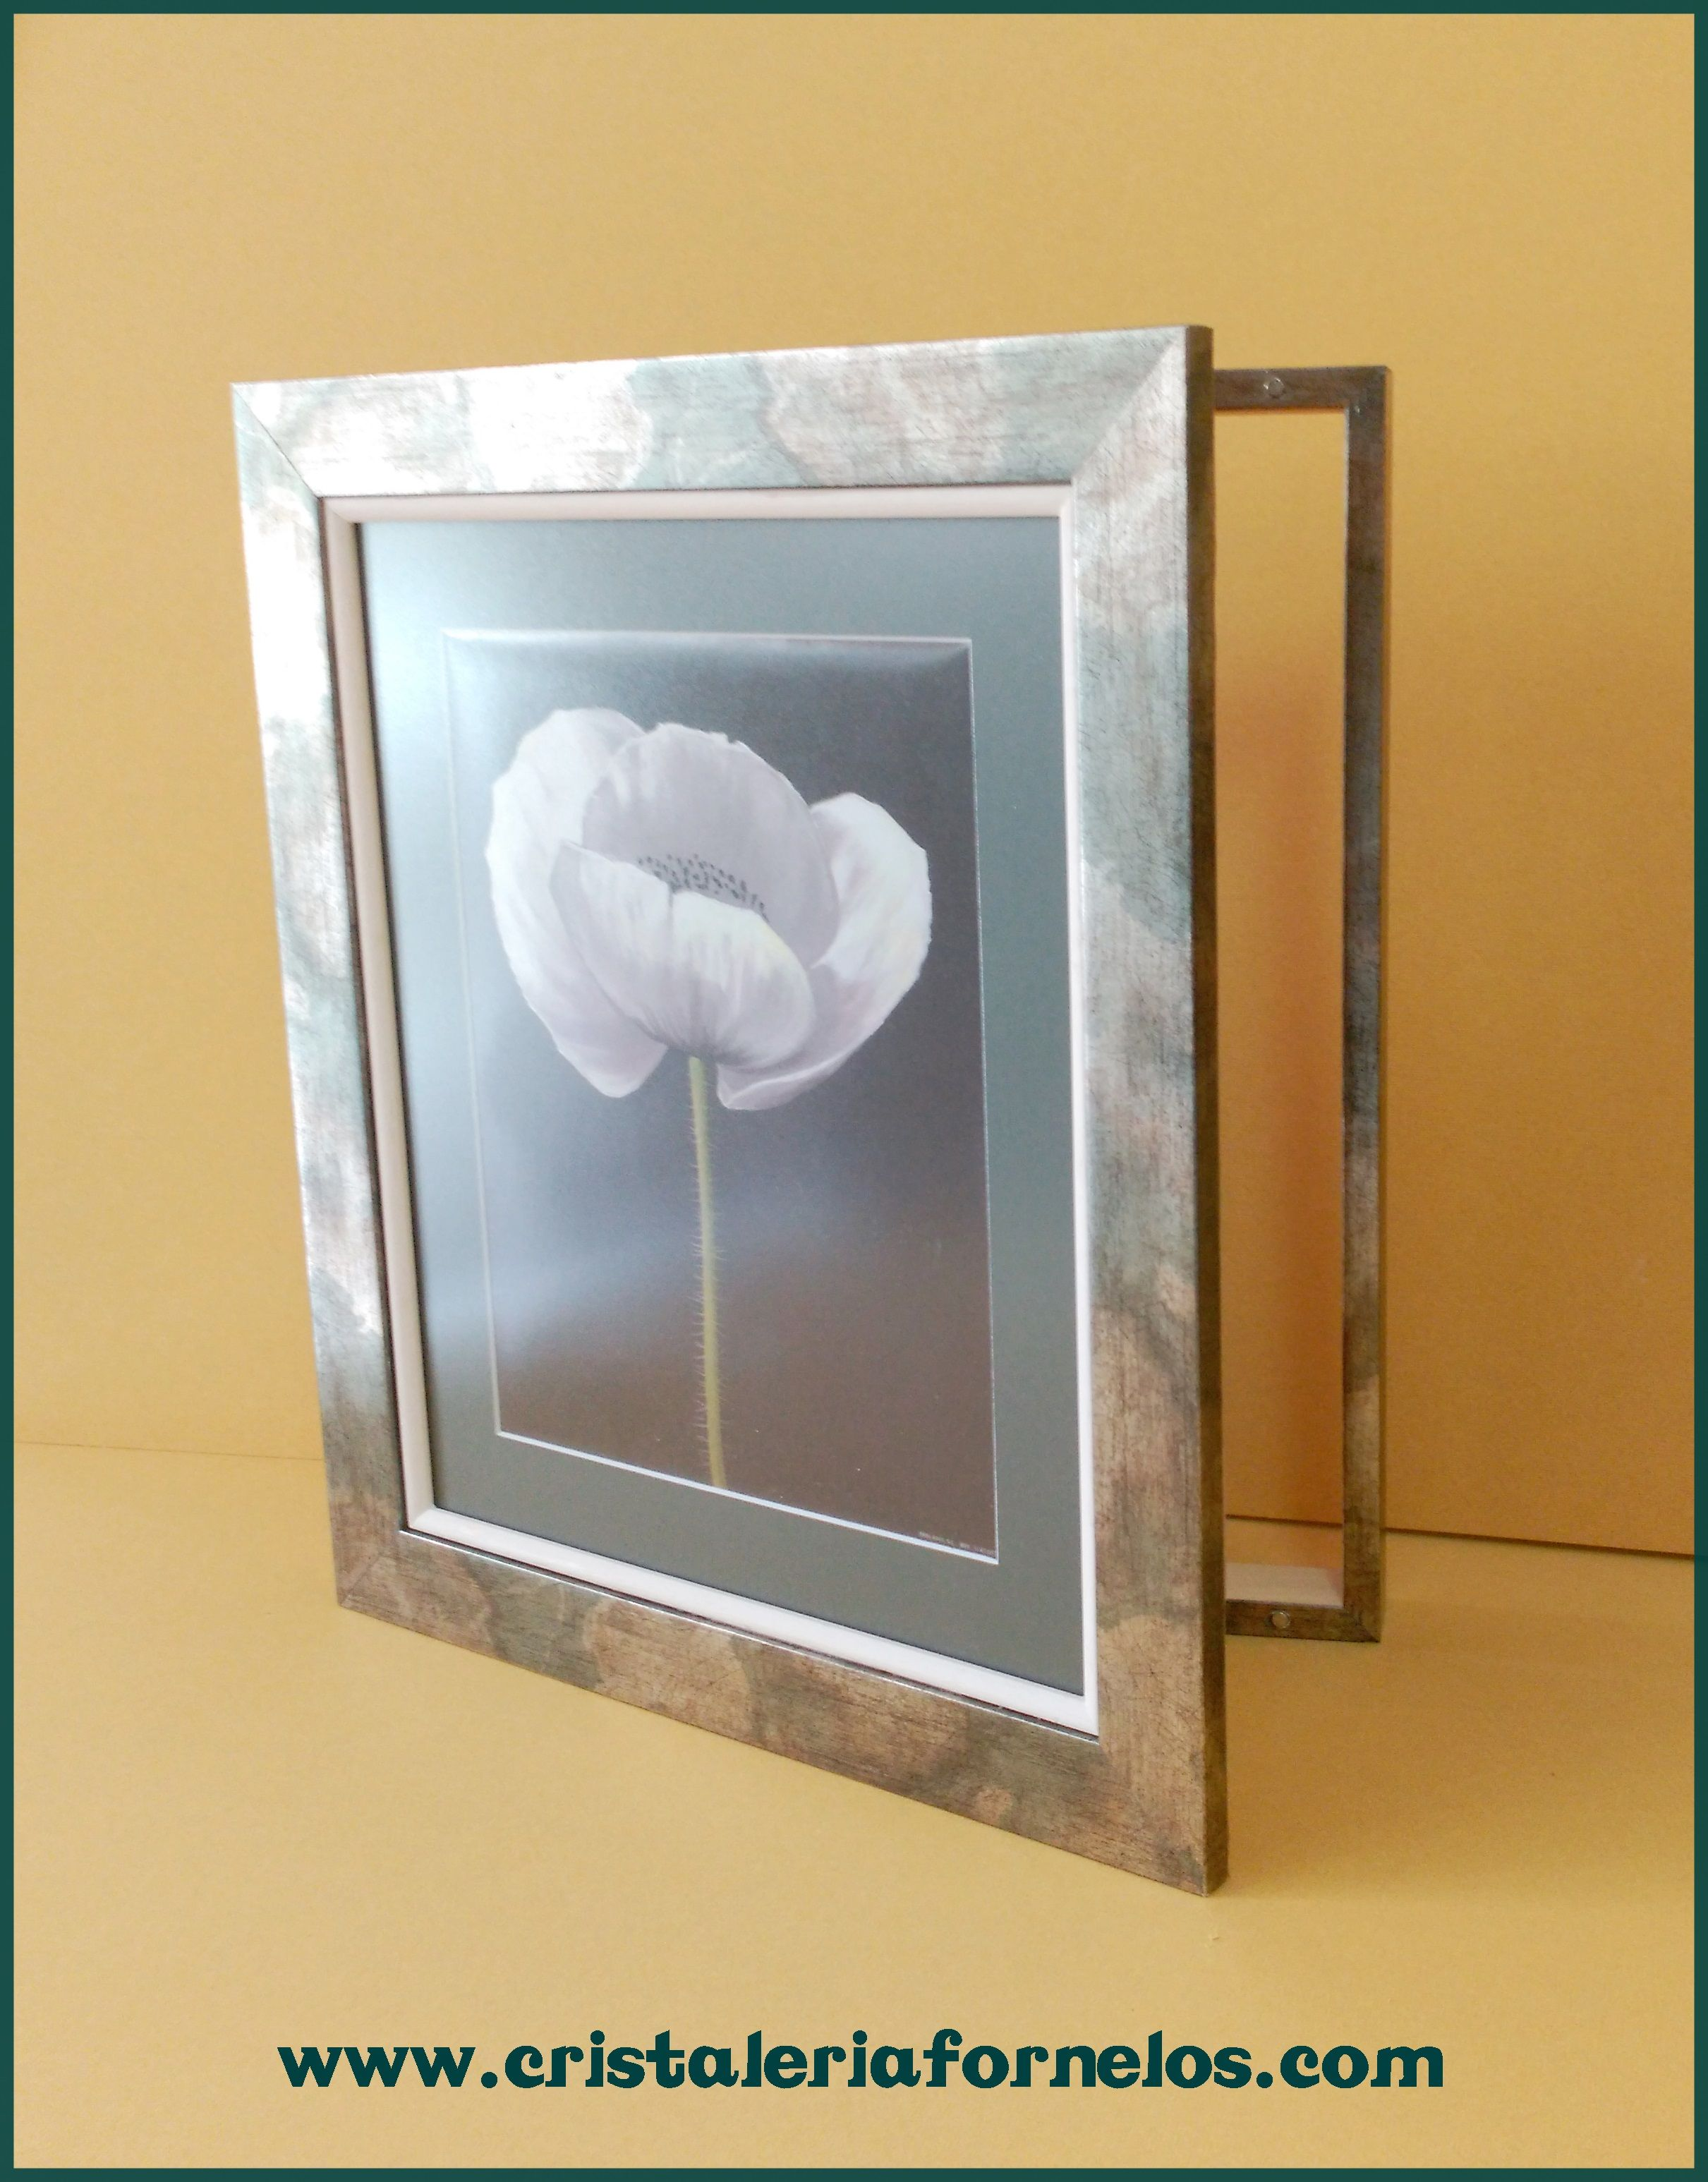 Tapa el cuadro de luces de tu casa con un bonito dise o - Luces exterior ikea ...